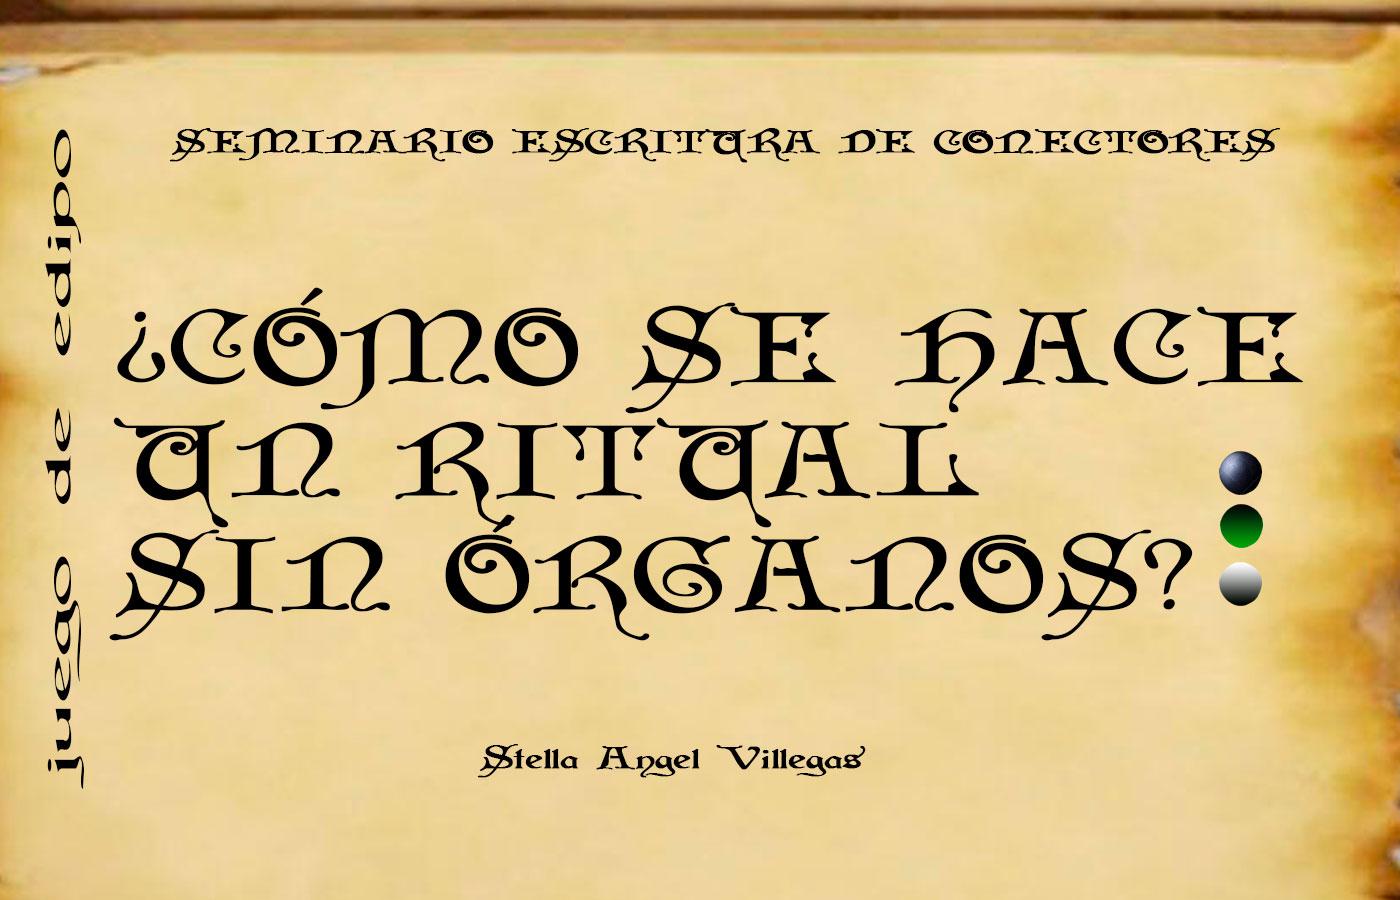 http://medicinayarte.com/img/0_como_se_hace_un_ritual_sin_organos.jpg